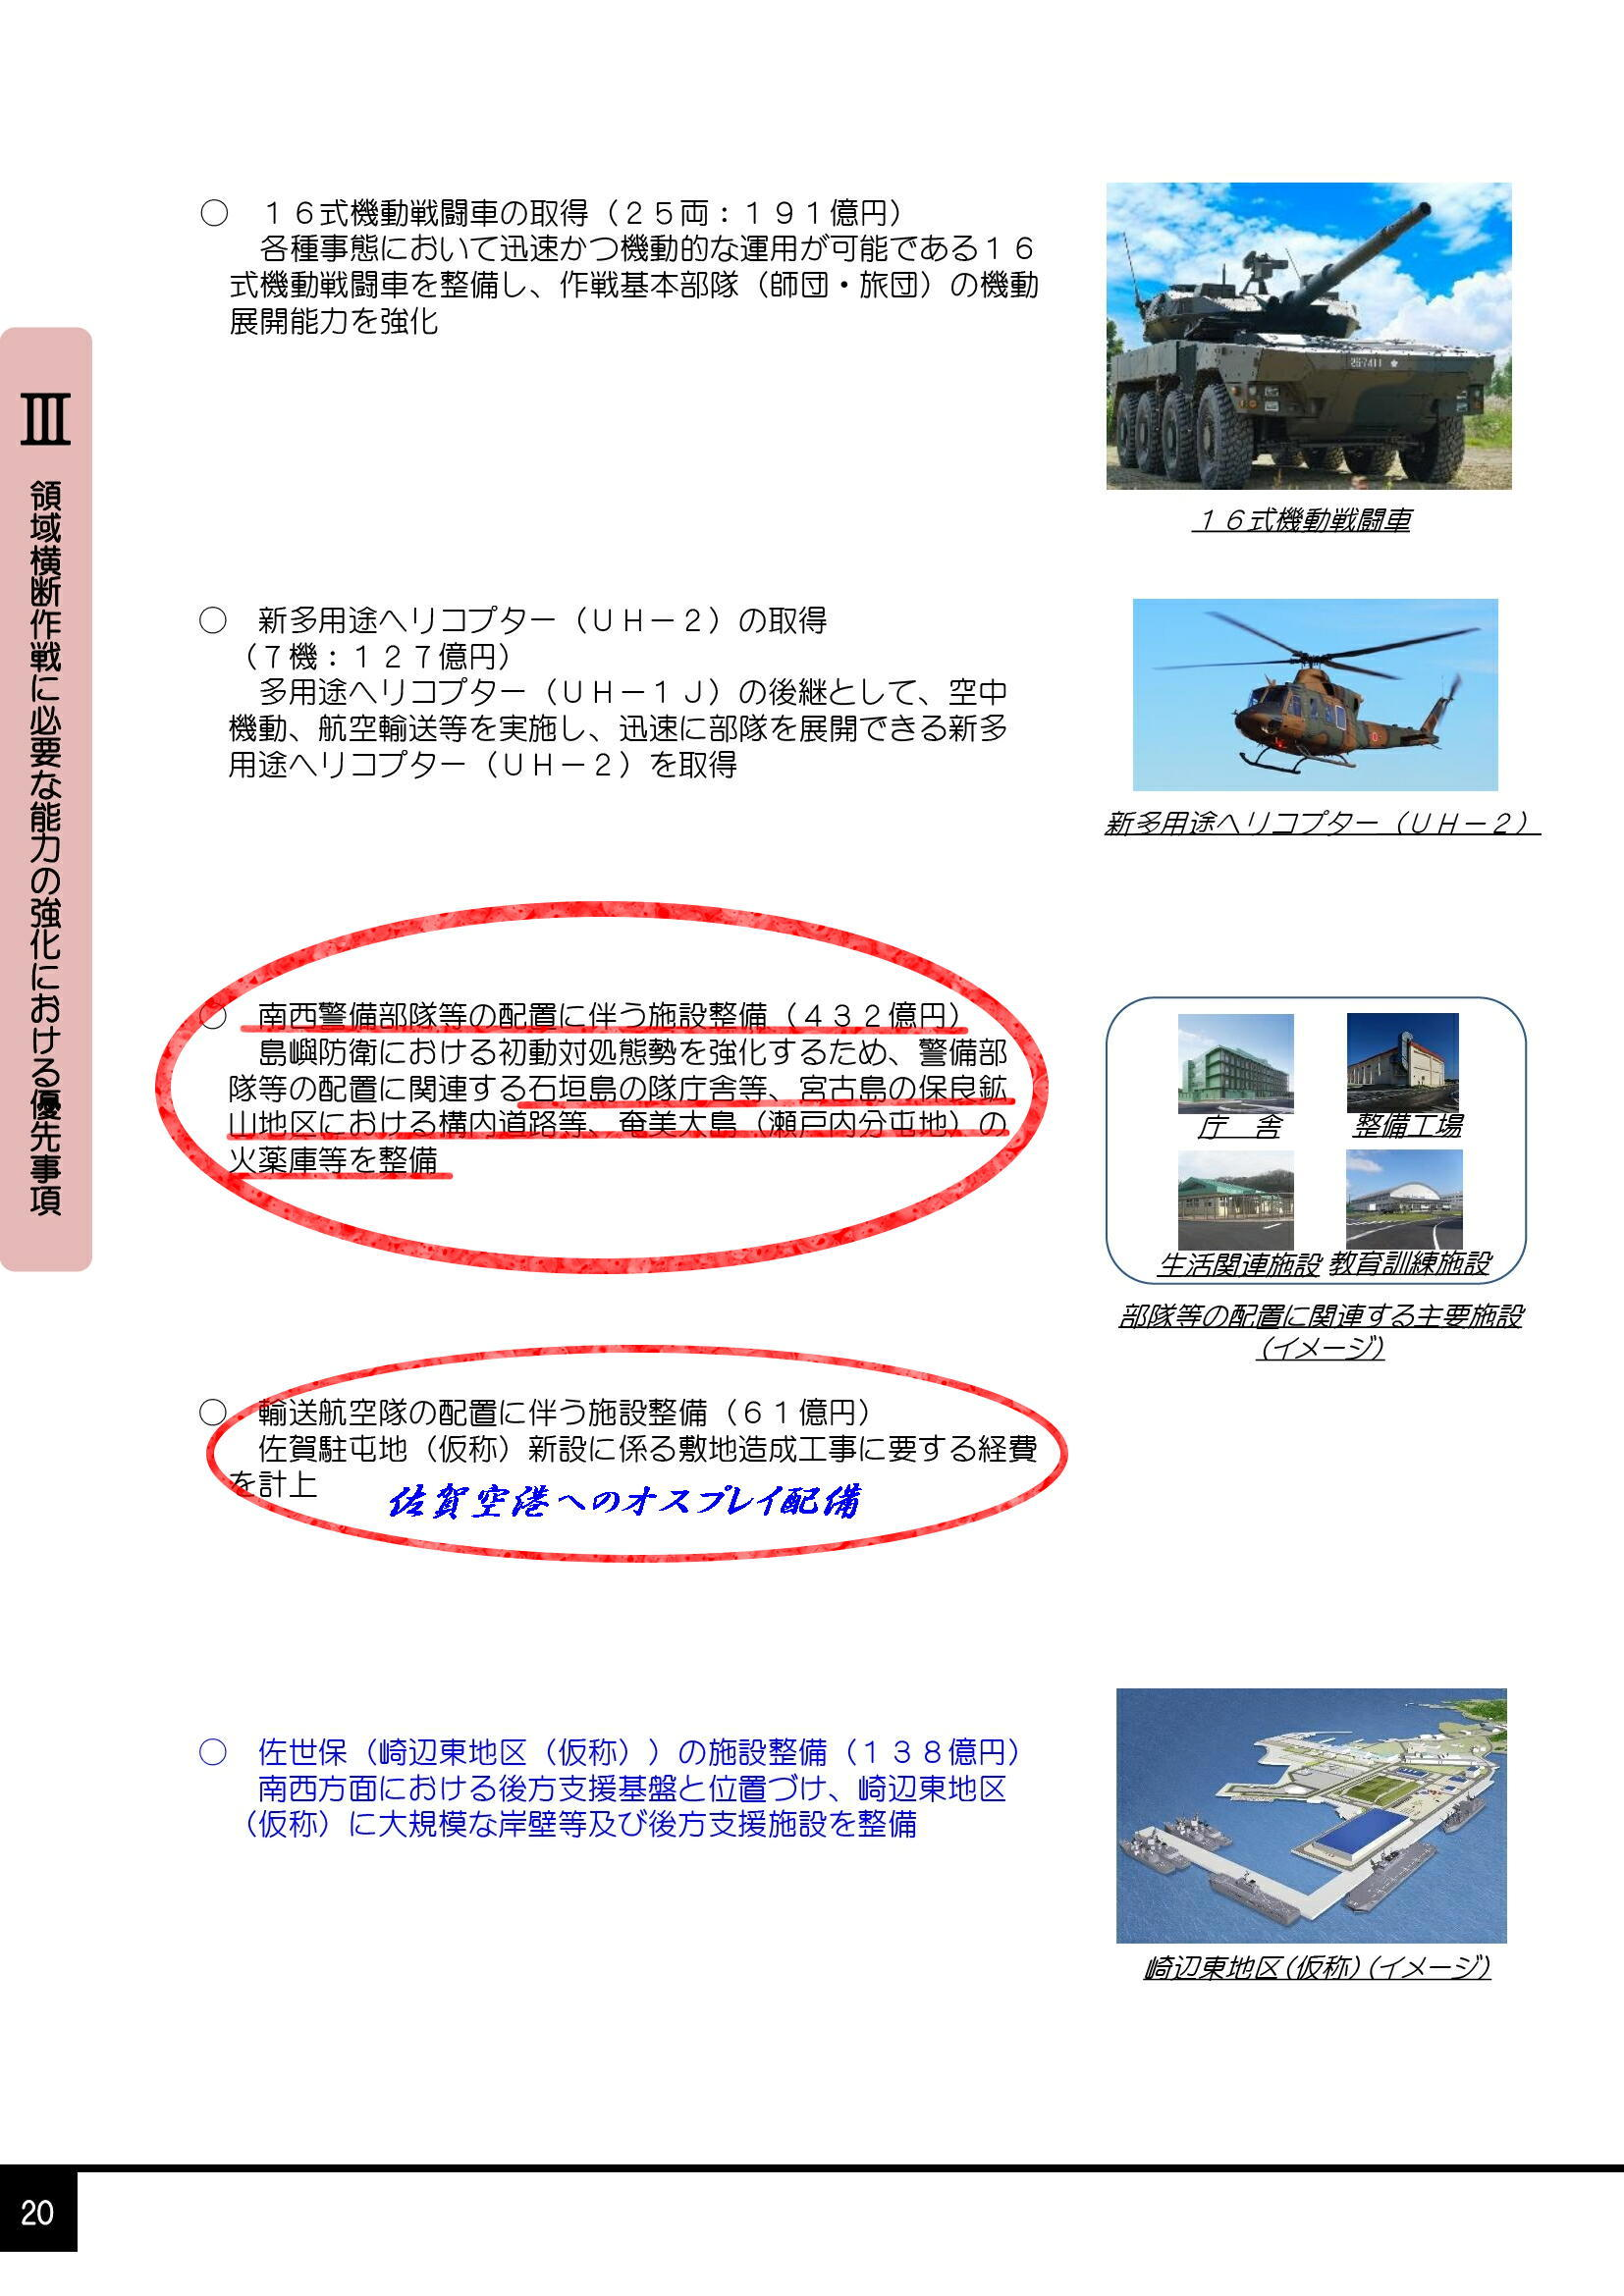 2021年度防衛省概算要求の概要0024